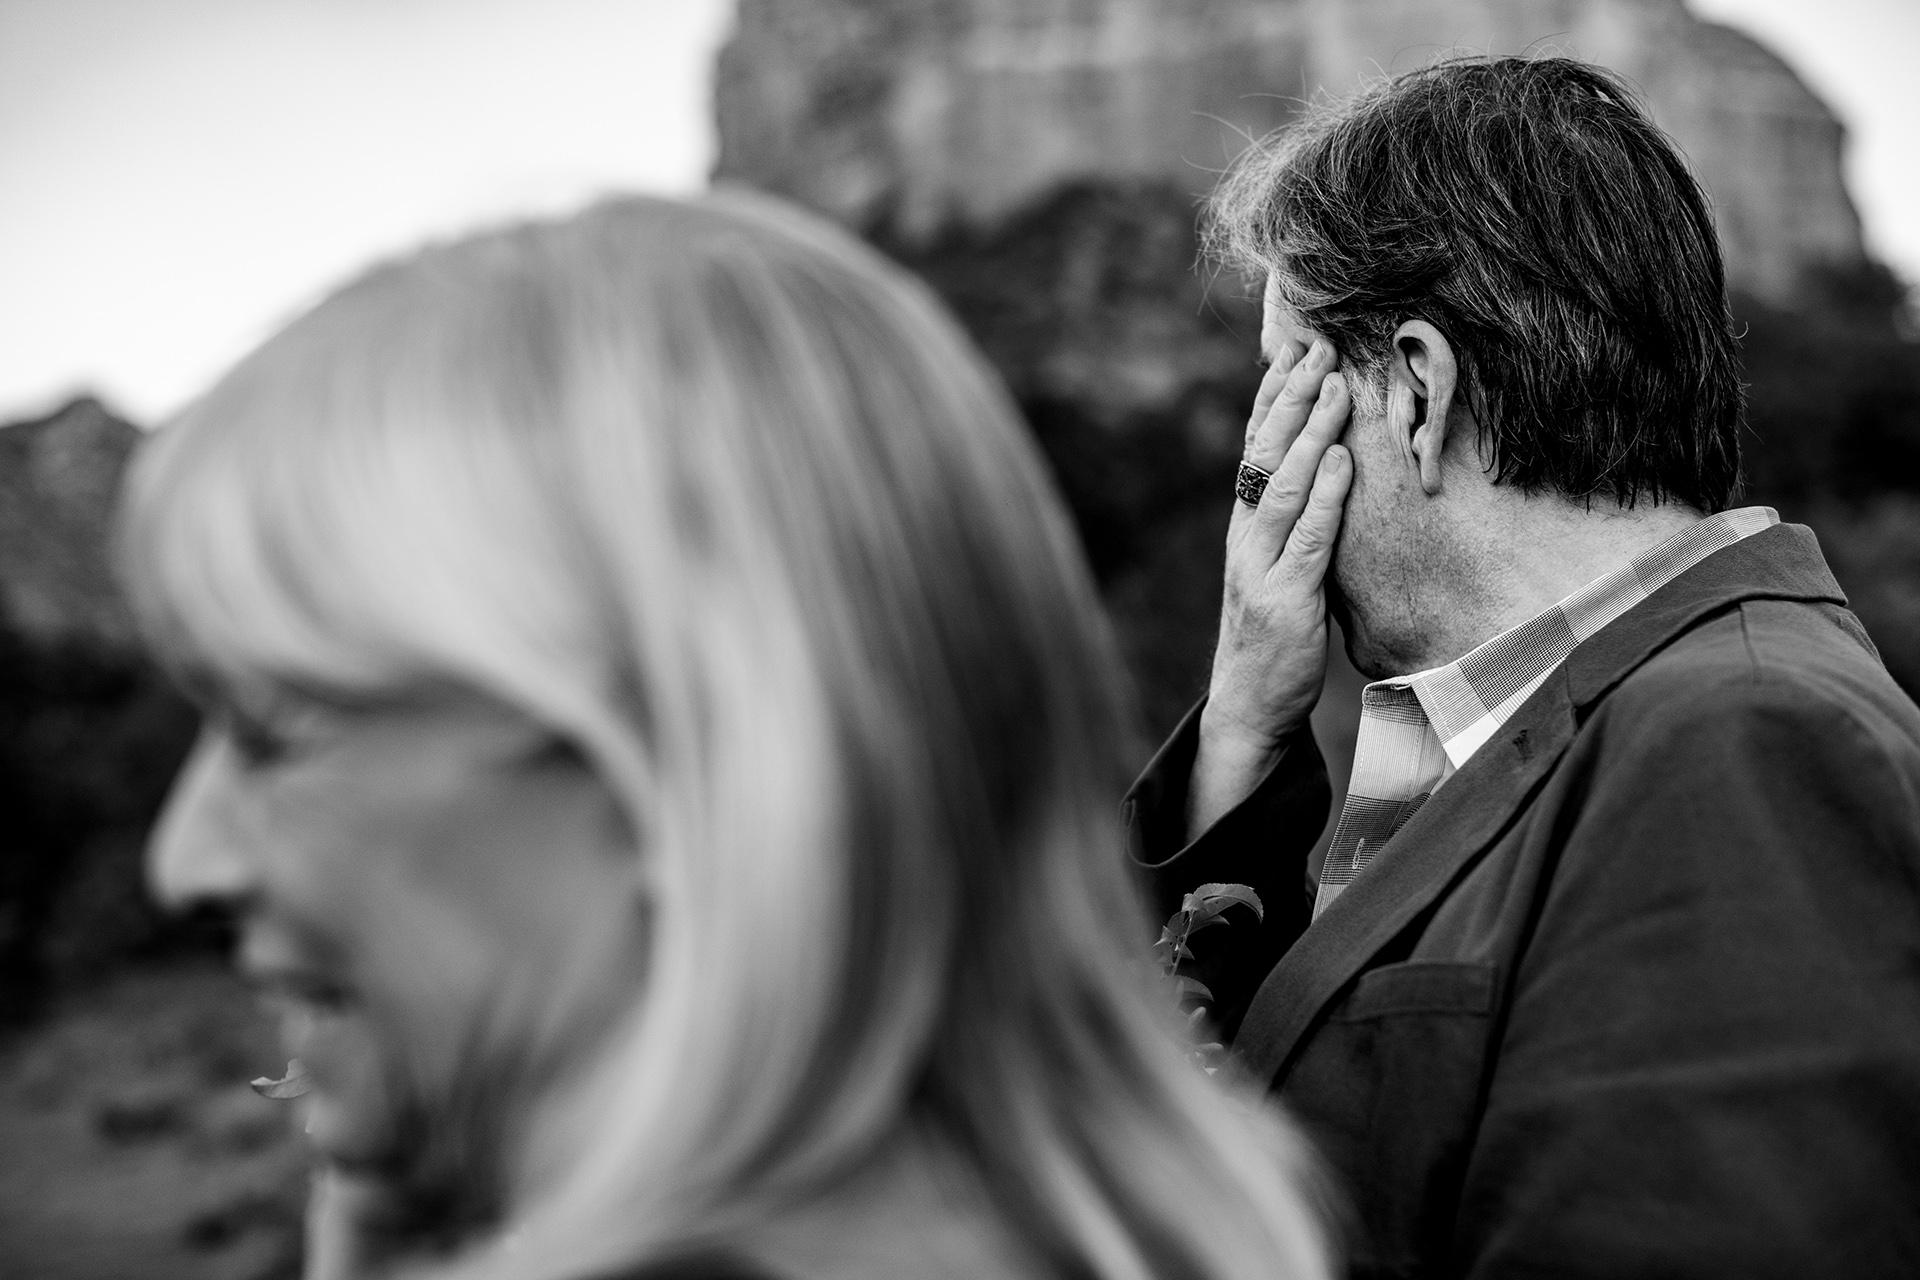 Sedona, AZ Hochzeiten und Sedona Hochzeitsbilder | Der FOB dreht den Kopf und versucht, seine Gefühle einzudämmen